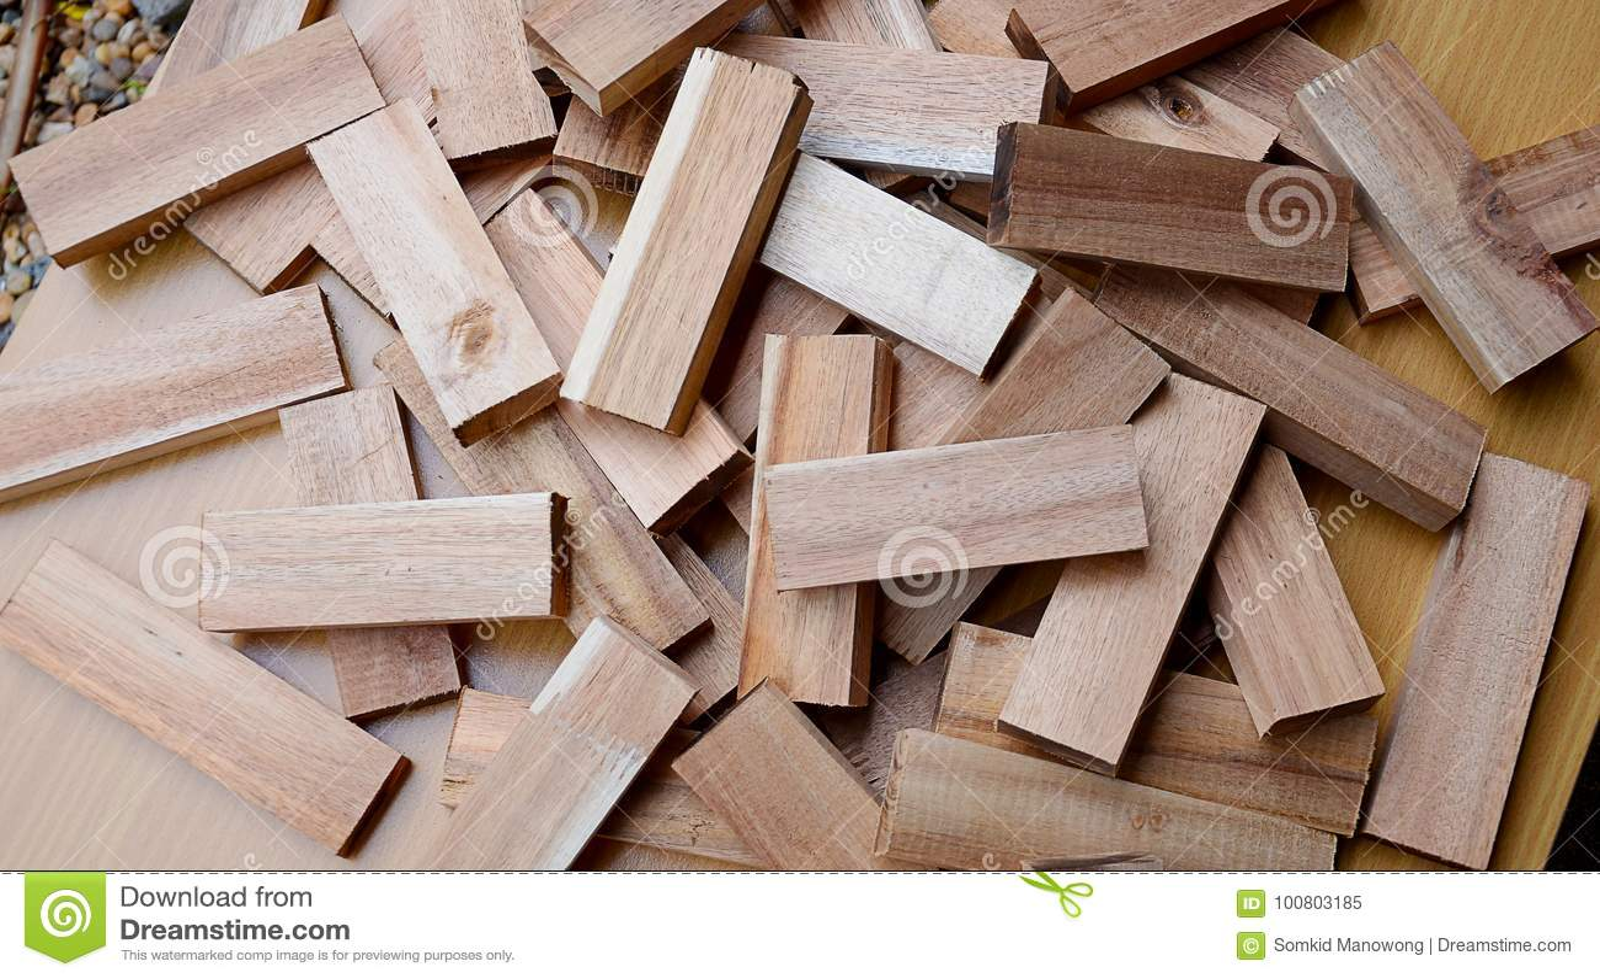 Drewniany Czerep Maly Drewno Wiele Kawalki Drewno Obraz Stock